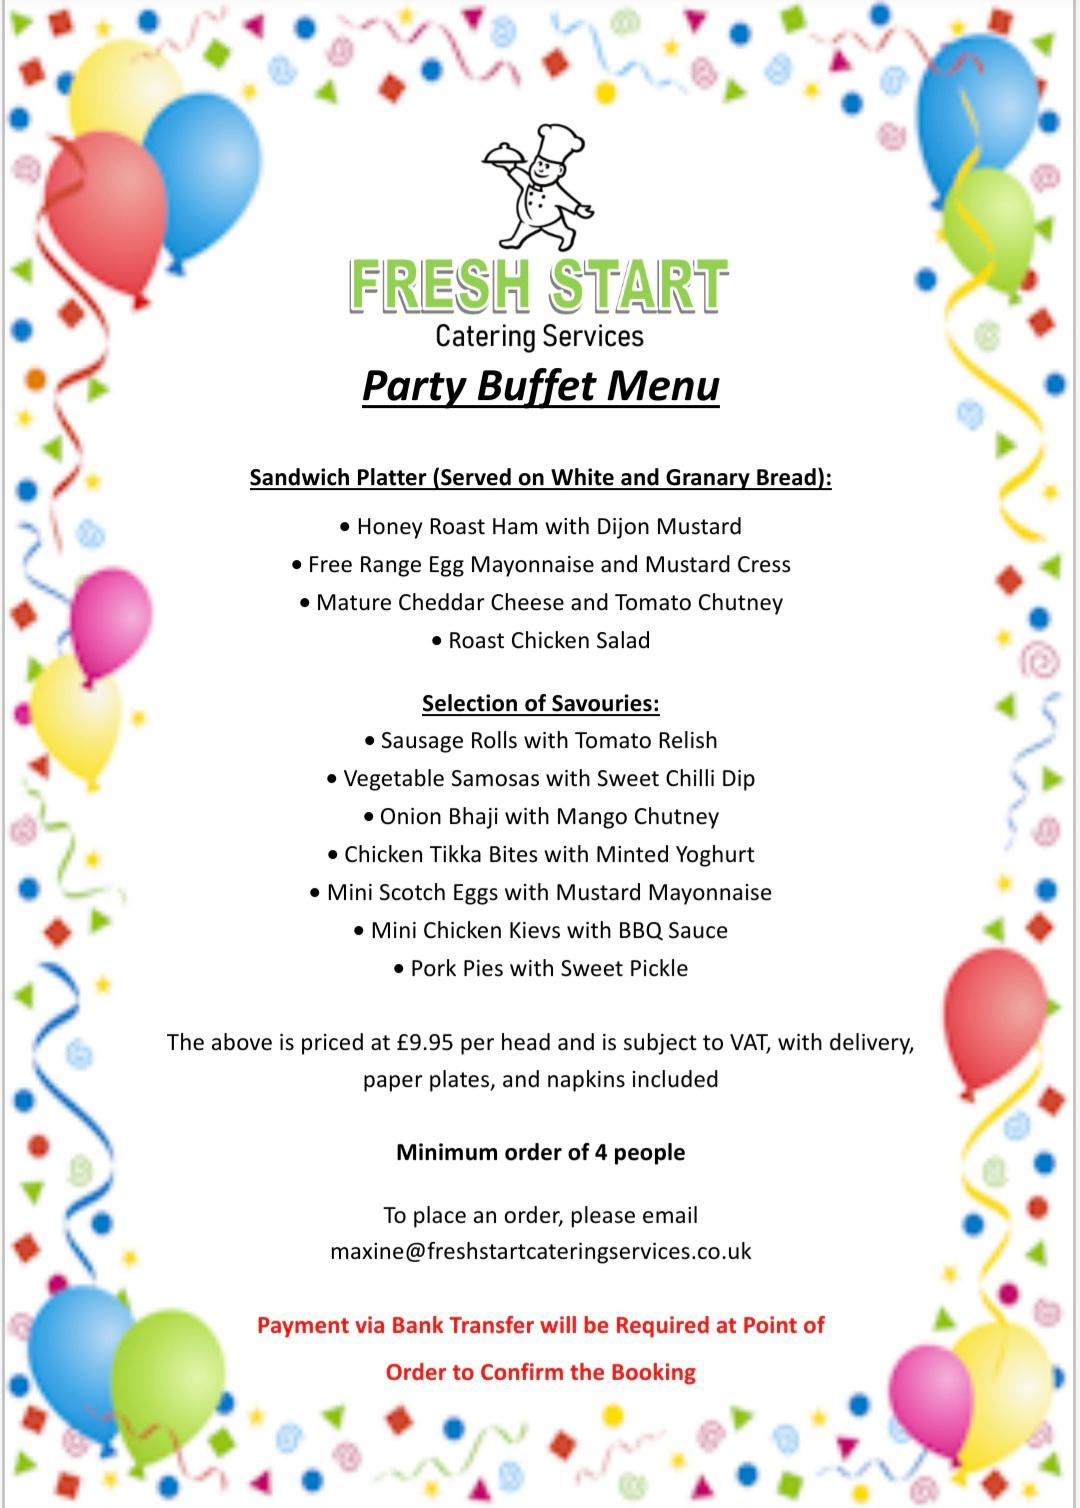 FSCS party buffet menu